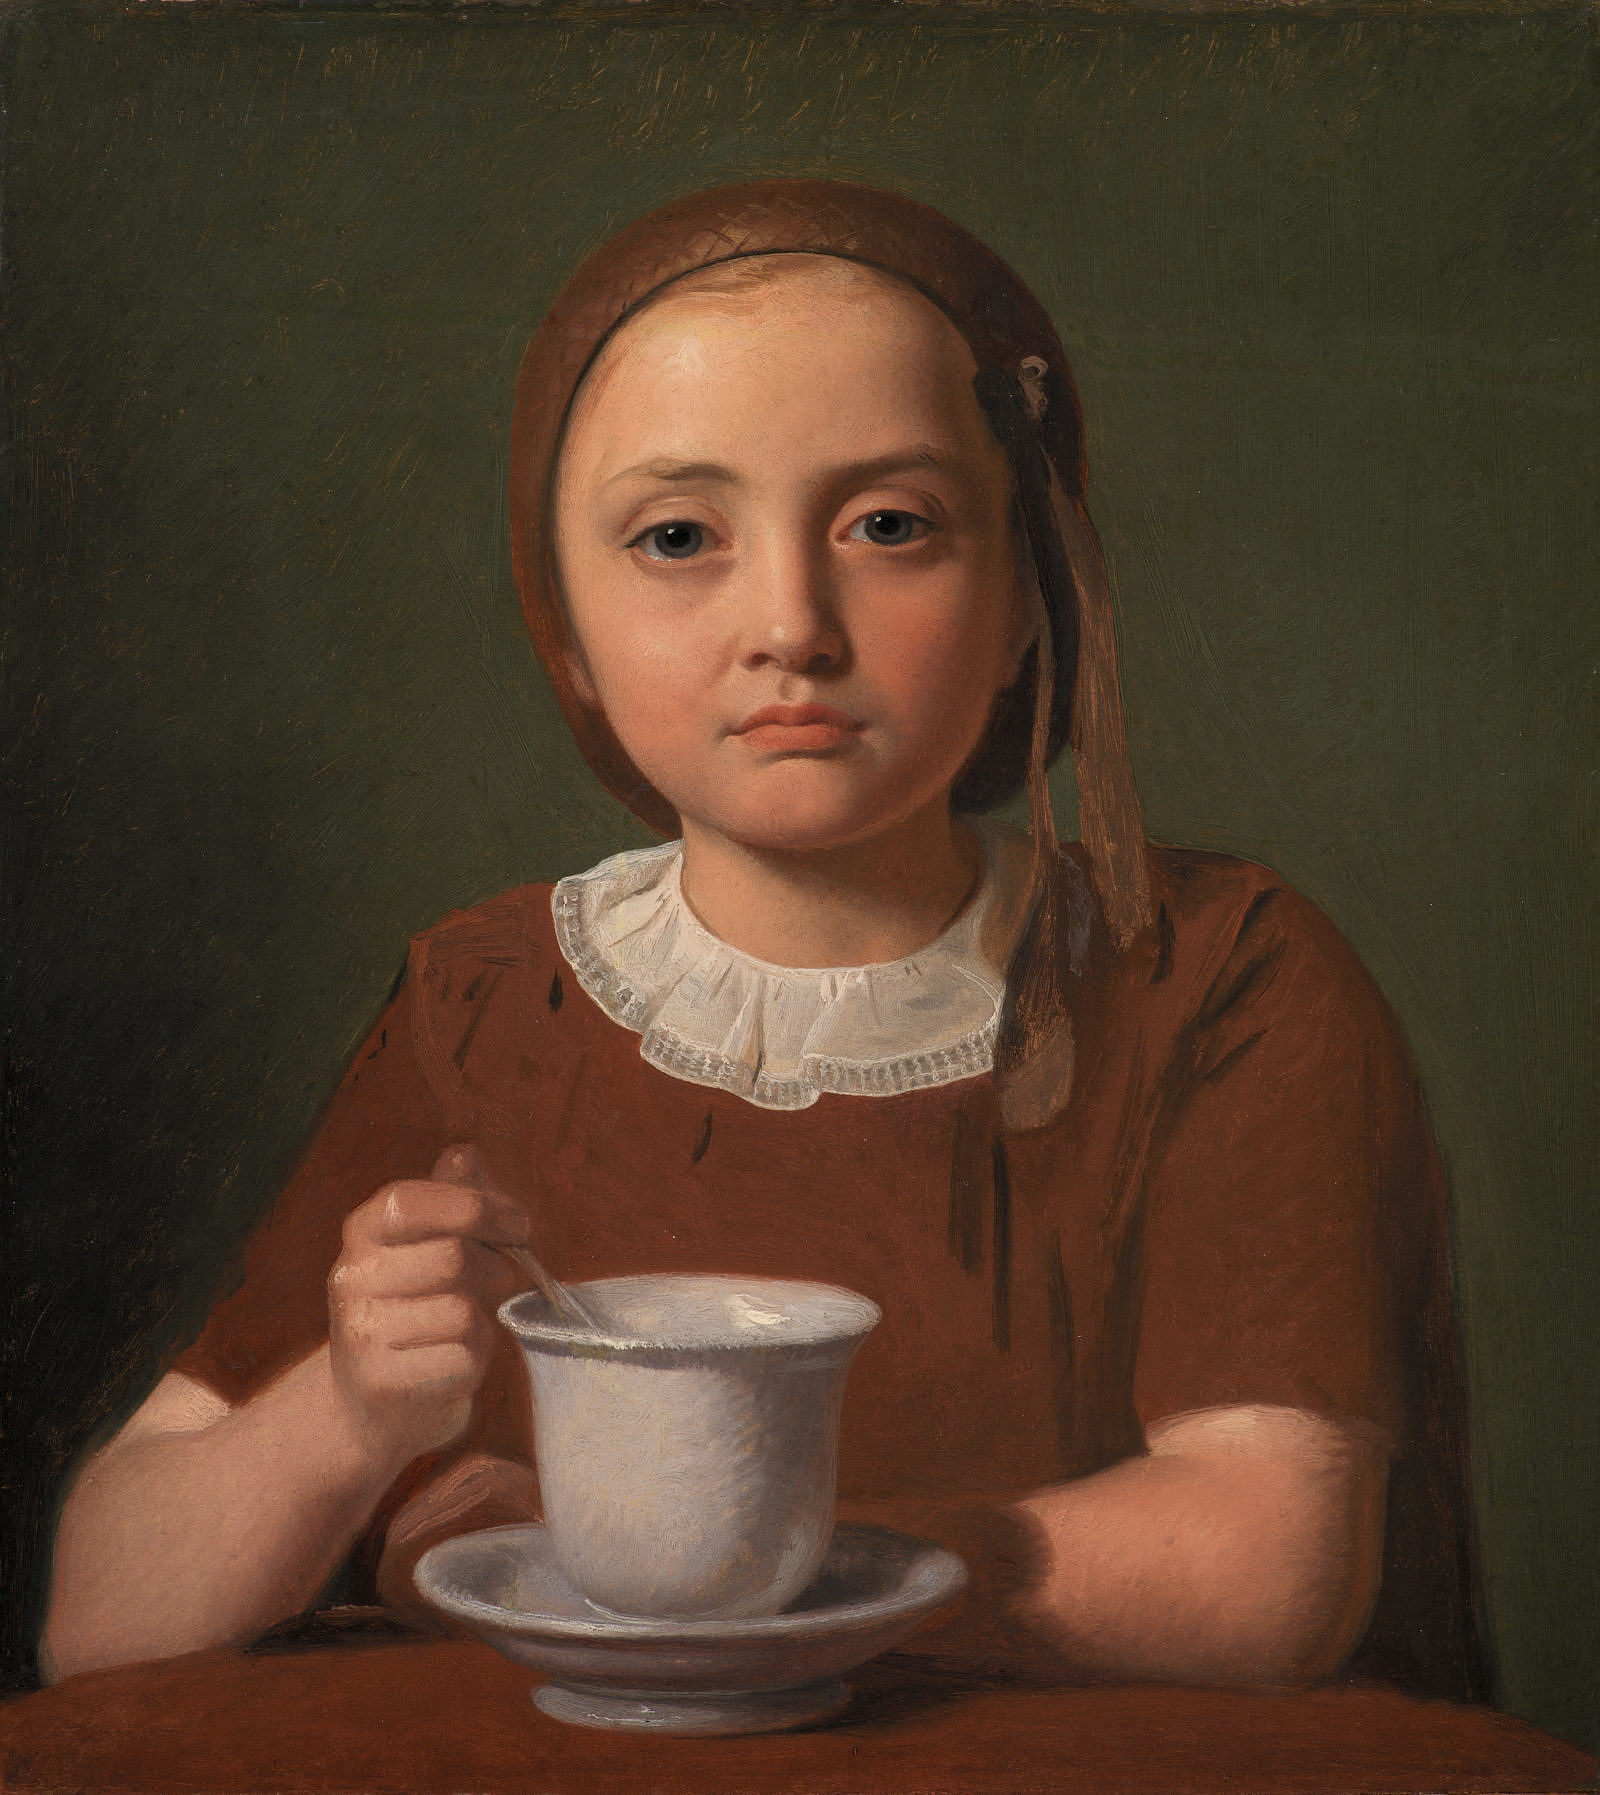 constantin-hansen-retrato-de-nia-pequeaelise-kobke-con-una-taza-frente-a-ella-1850